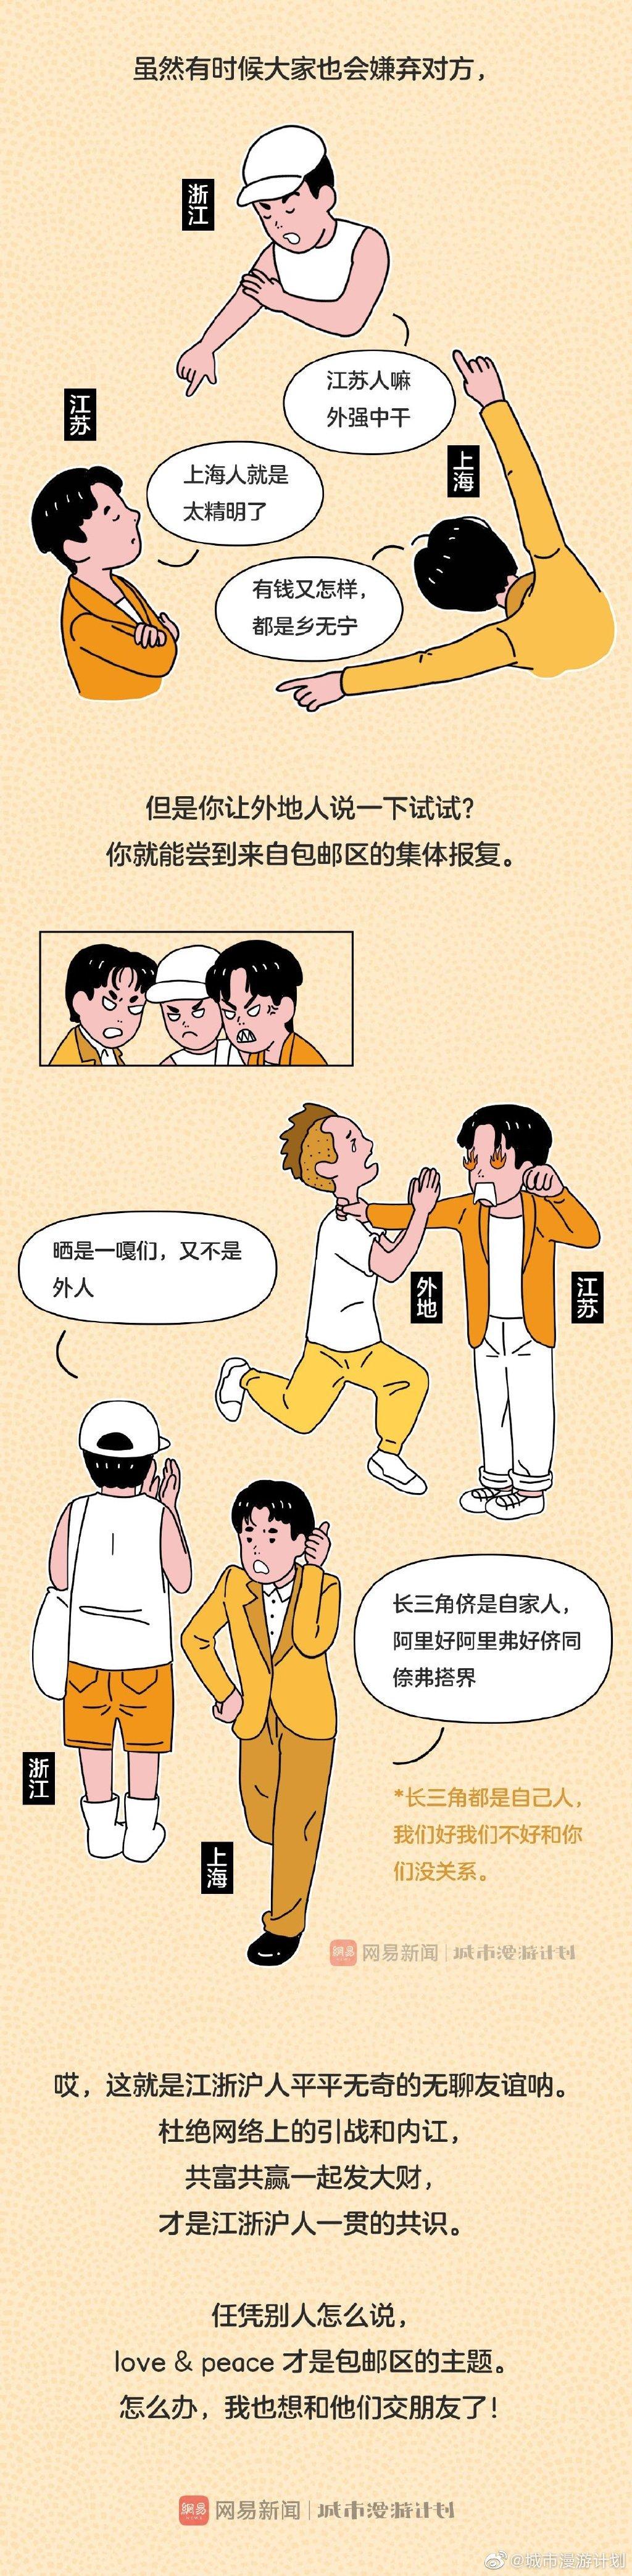 中国最情比金坚的地区在哪里